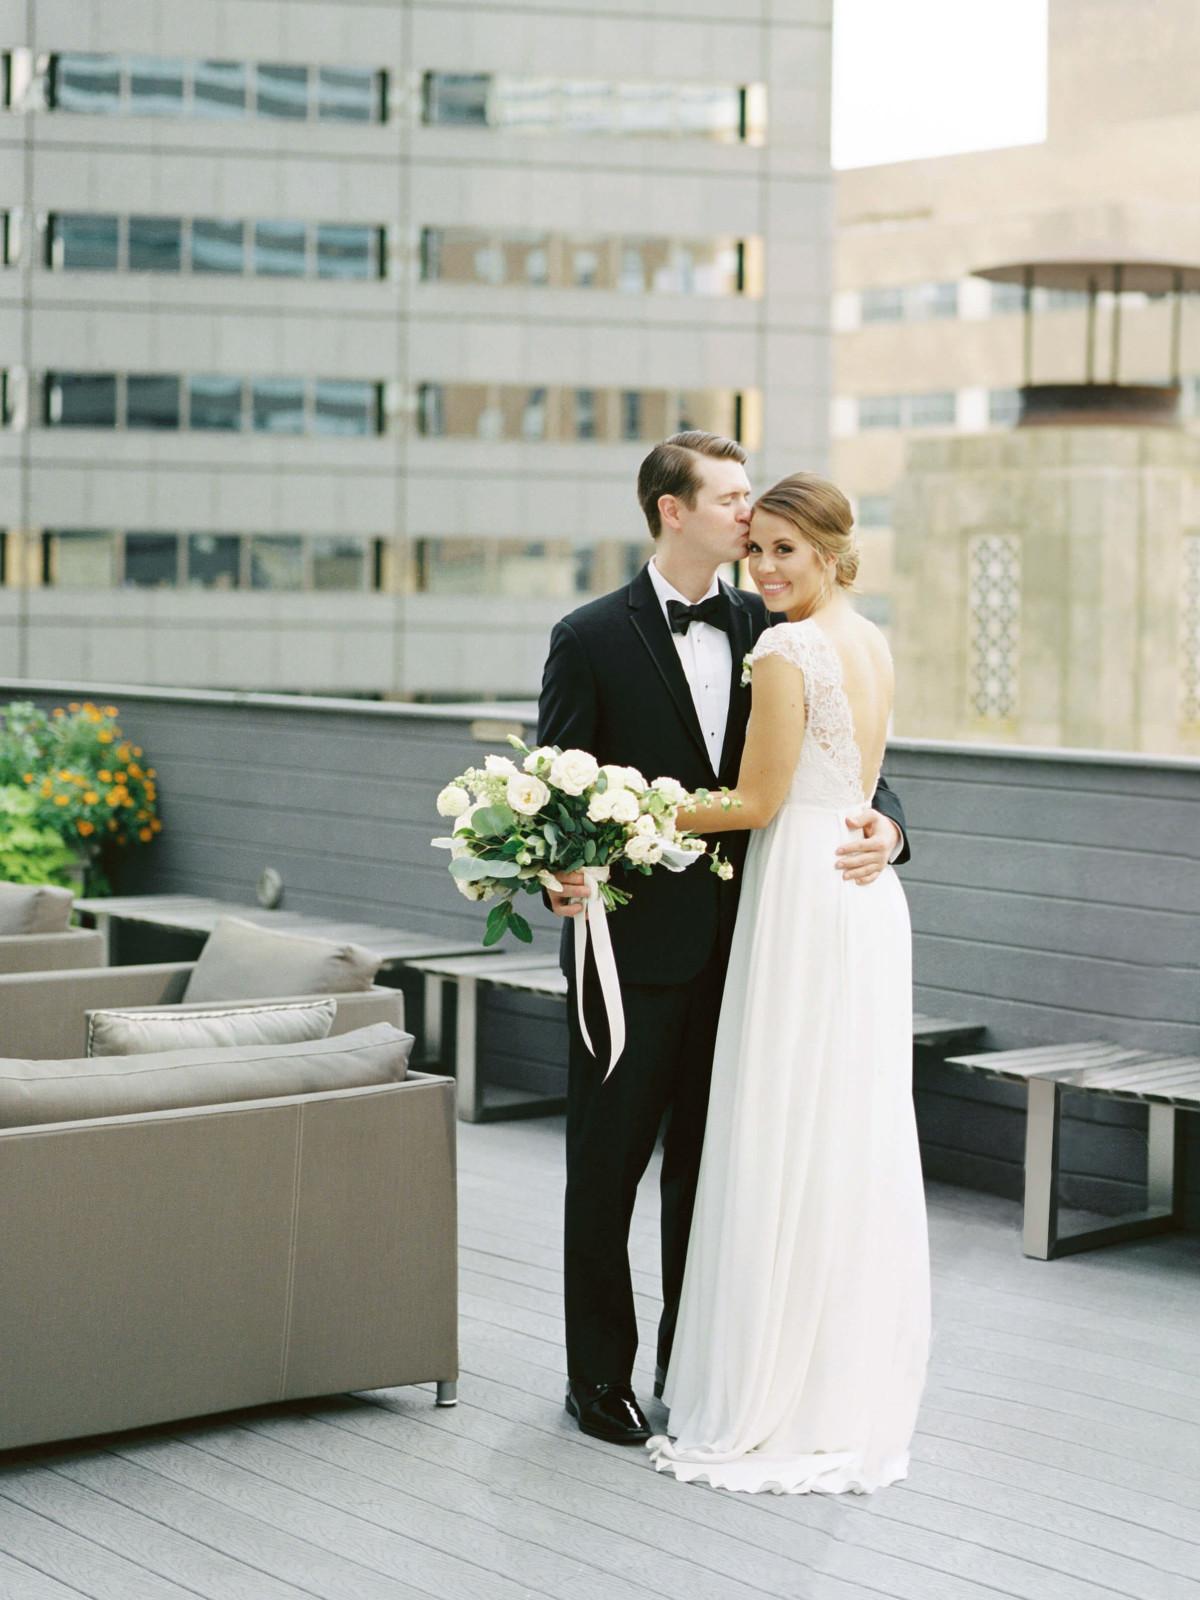 Jordan and Hunter Phillips, Real Weddings Series